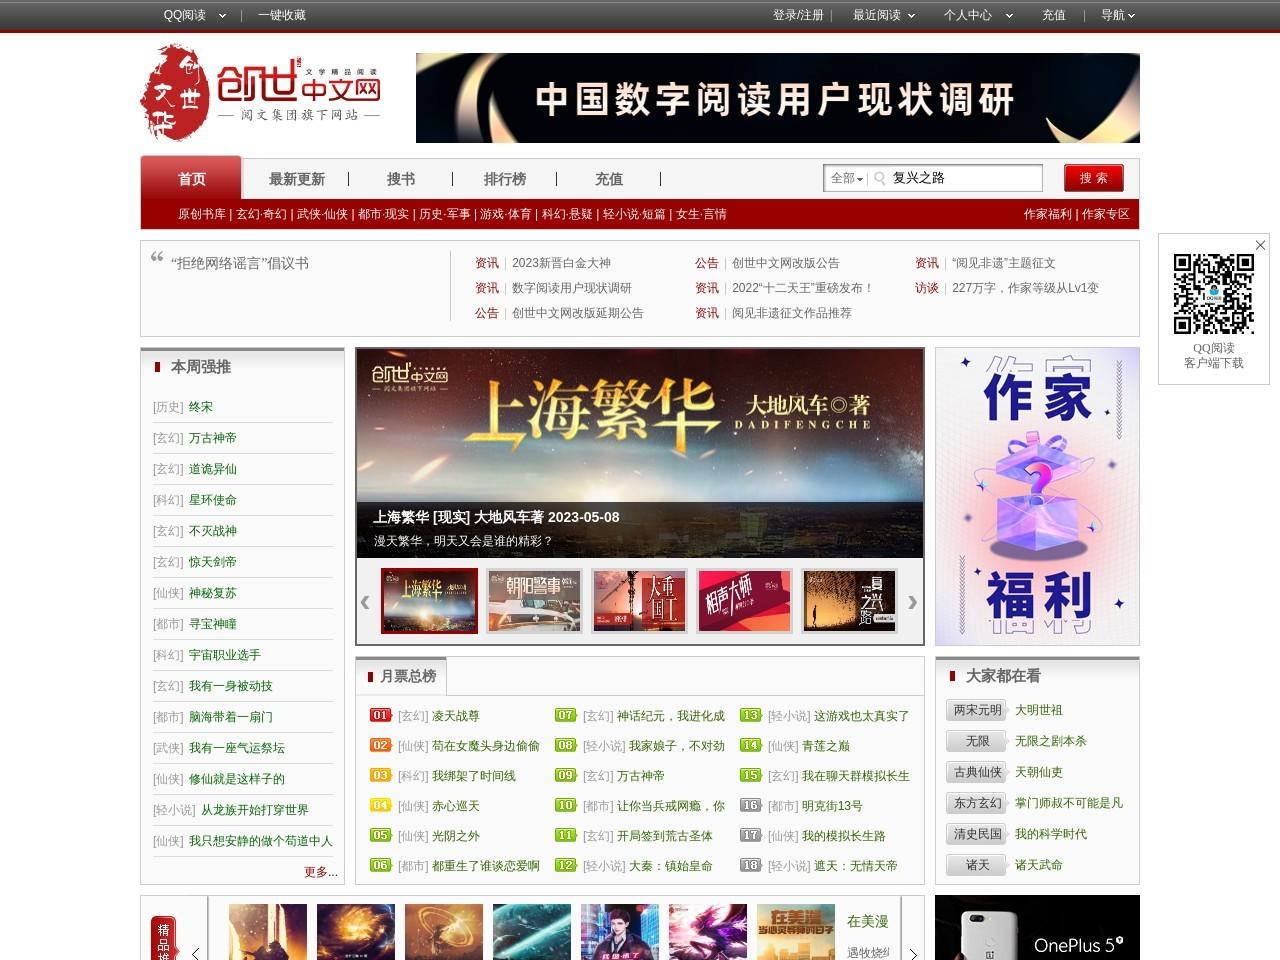 创世中文网_小说排行榜_免费小说下载网